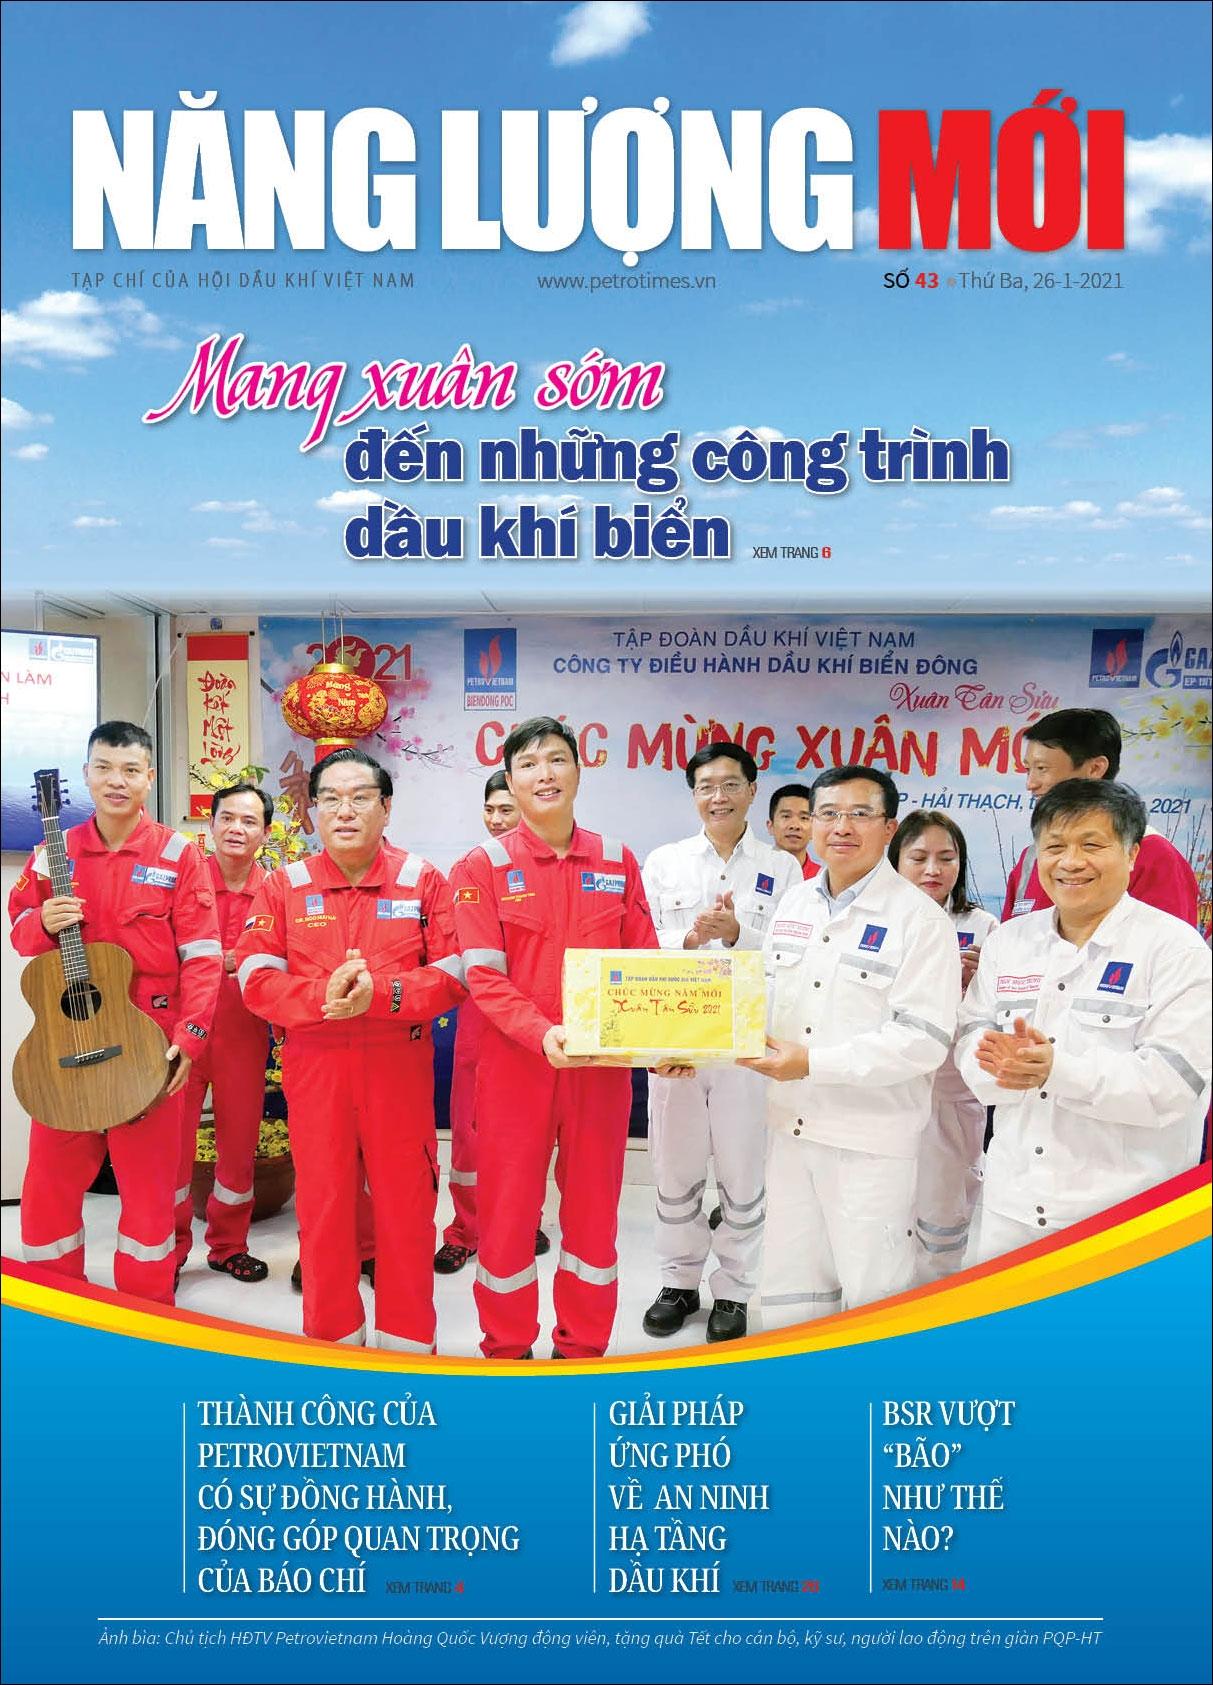 Đón đọc Tạp chí Năng lượng Mới số 43, phát hành thứ Ba ngày 26/1/2021